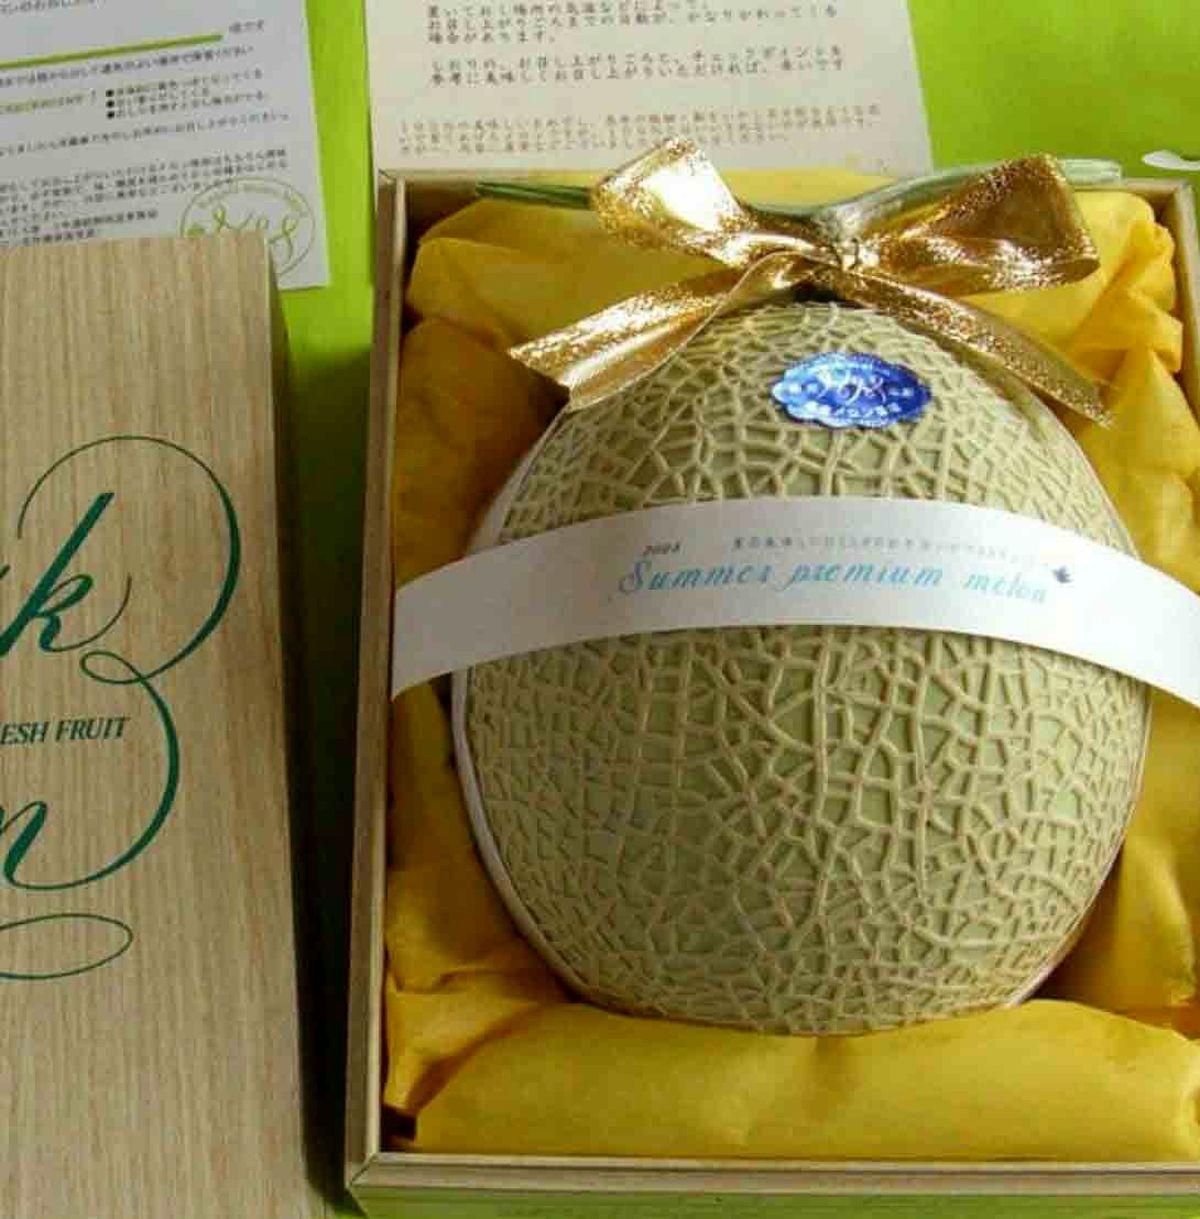 گران ترین میوه جهان؛یک عدد 16 هزار دلار| عکس